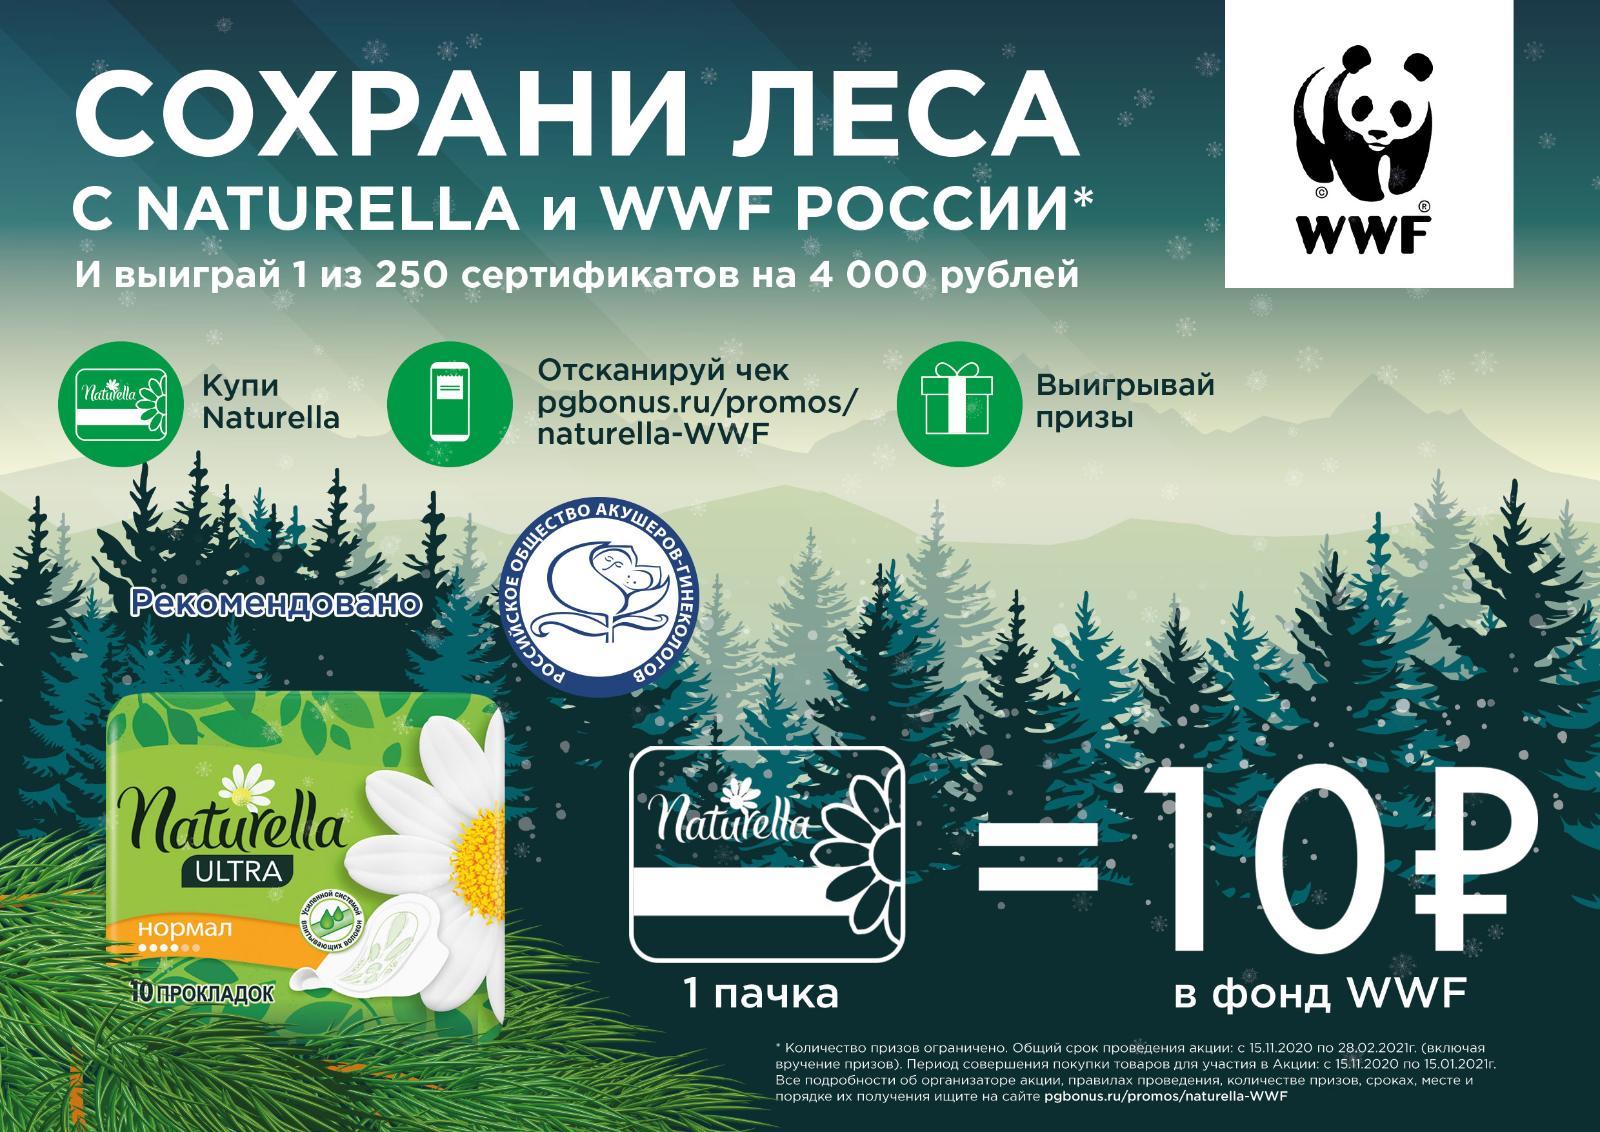 Naturella и WWF России сохраняют леса в национальном парке в Красноярском крае